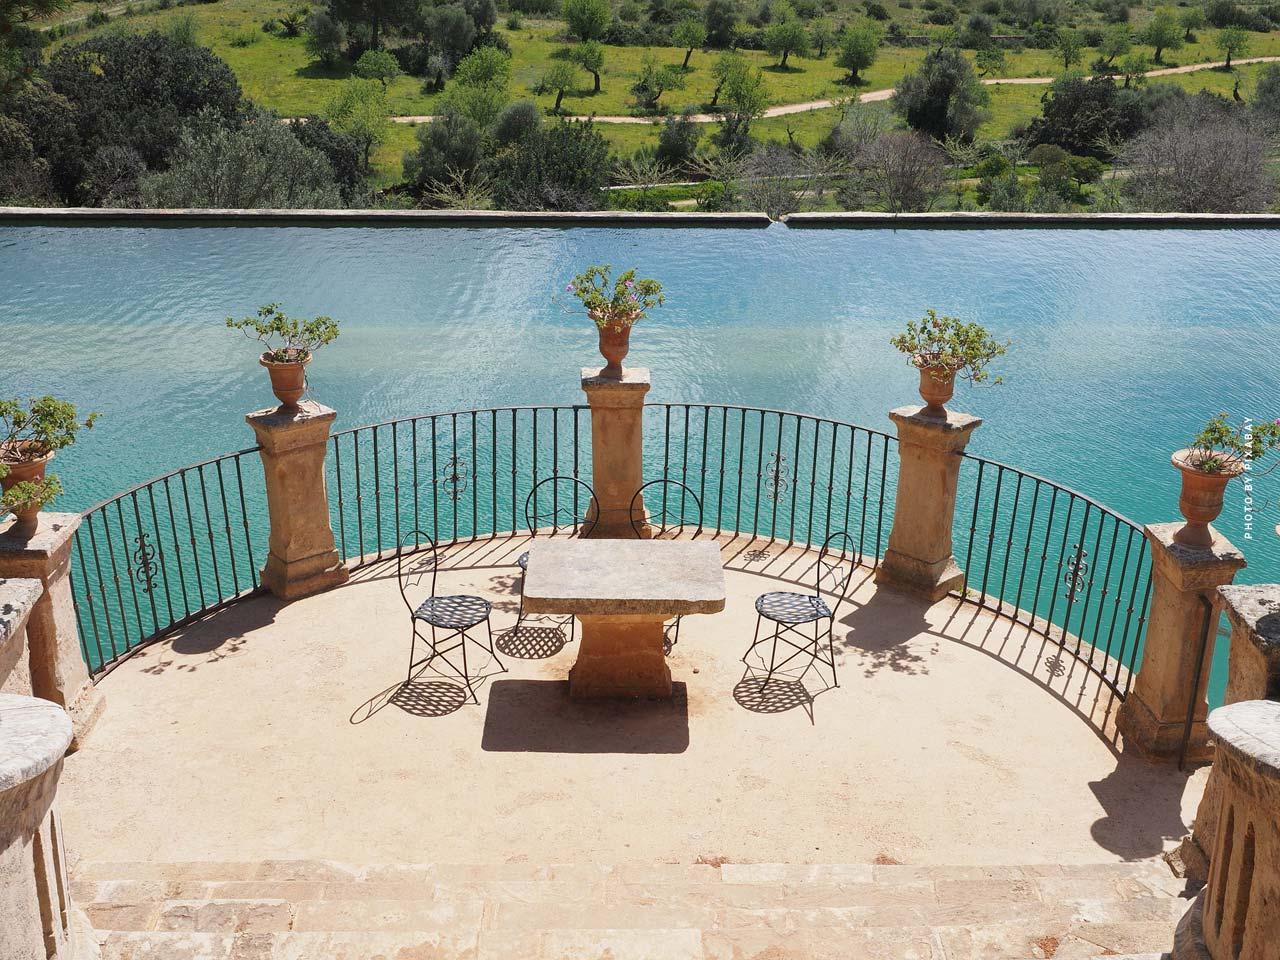 Luxusimmobilien Mallorca: Designer Villa, Finca und Eigentumswohnung bis zu $6,7 Millionen